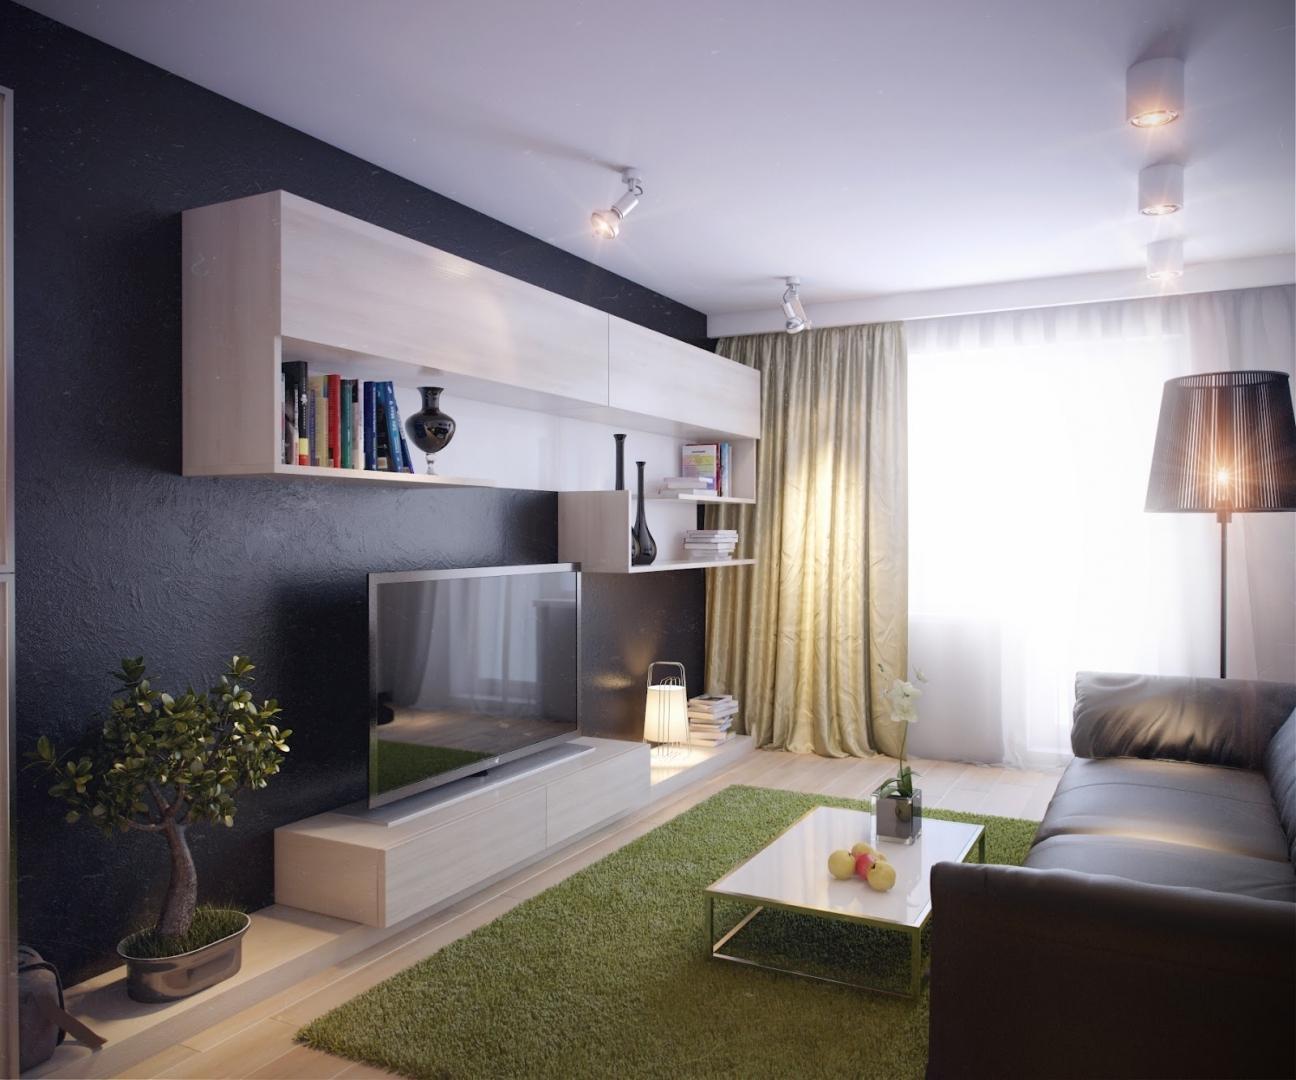 ружья дизайн небольшой гостиной комнаты фото этой истории сотрудники